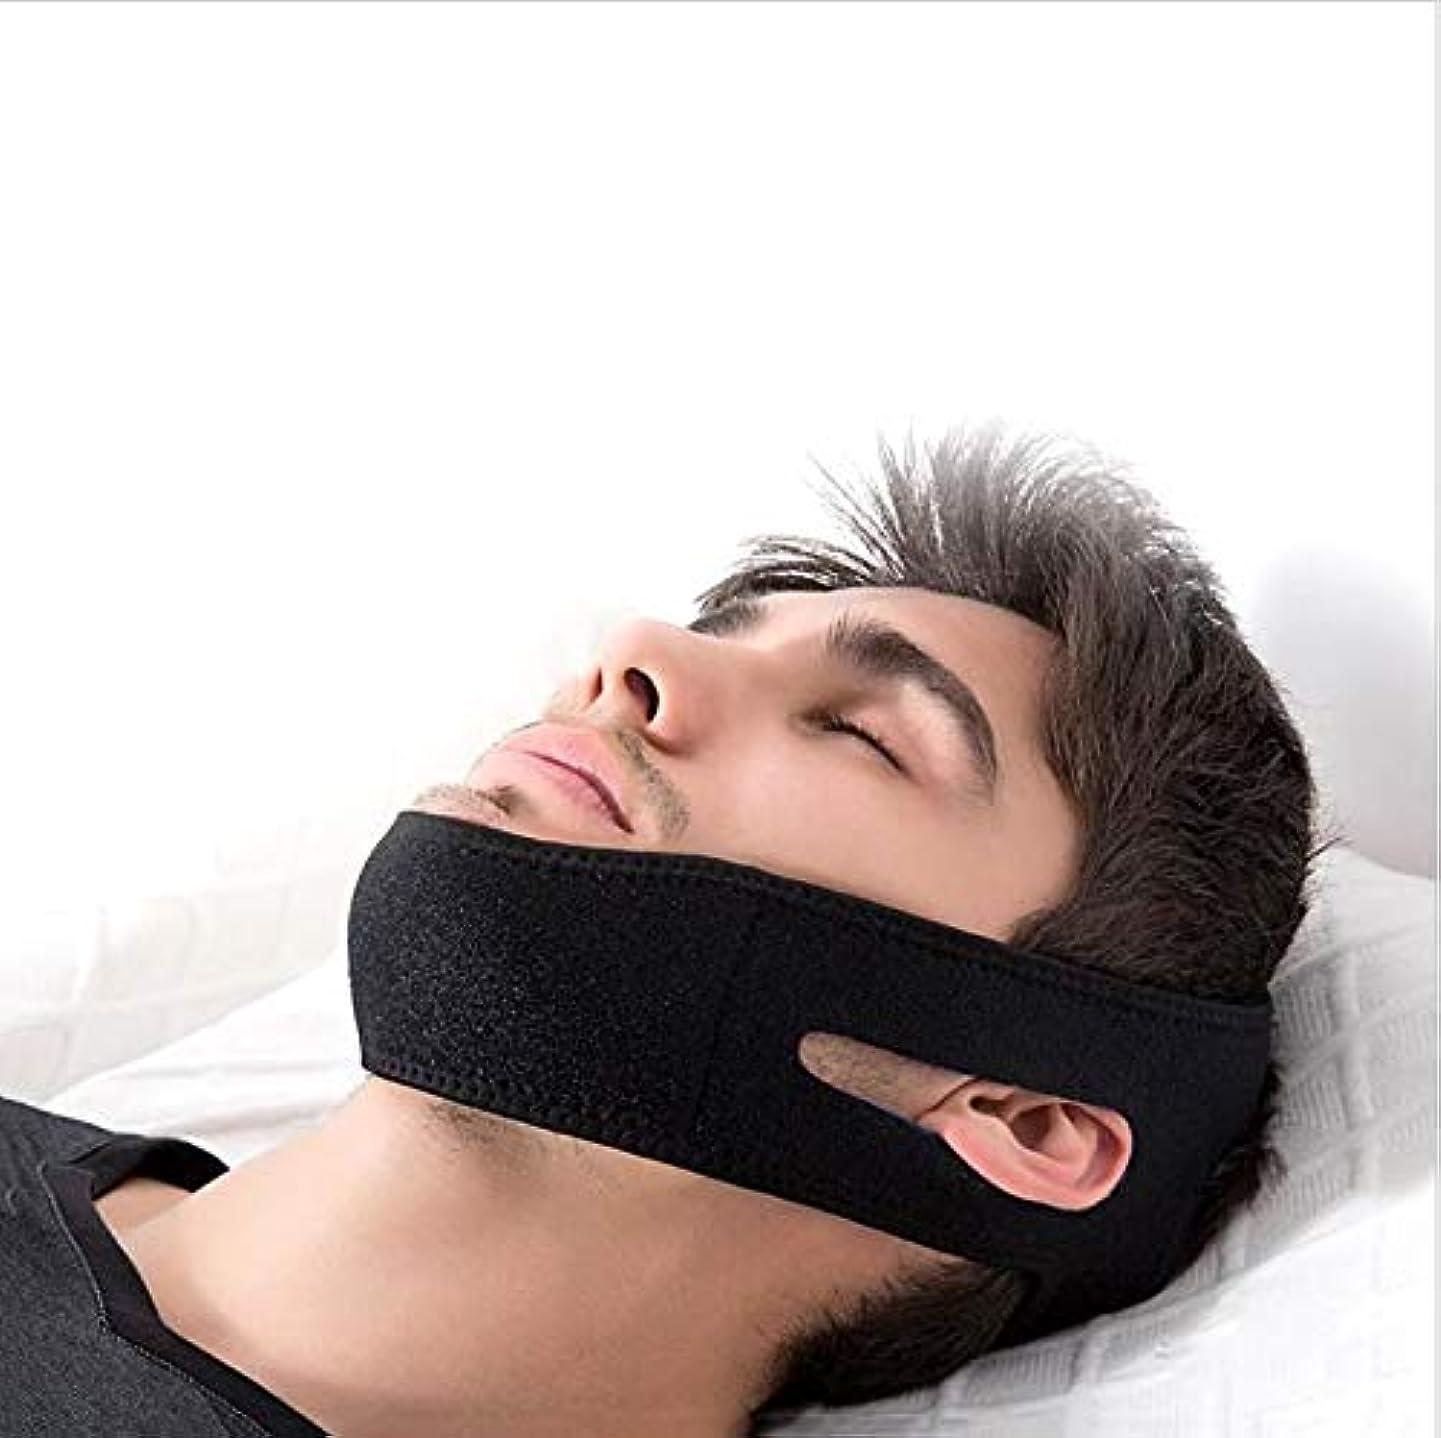 投資する気候の山ハドル顔面の体重減少男性と女性の顔Vの顔の睡眠のマスク顔リフトの包帯顔のリフト二重顎と薄い顔をしっかりと固定